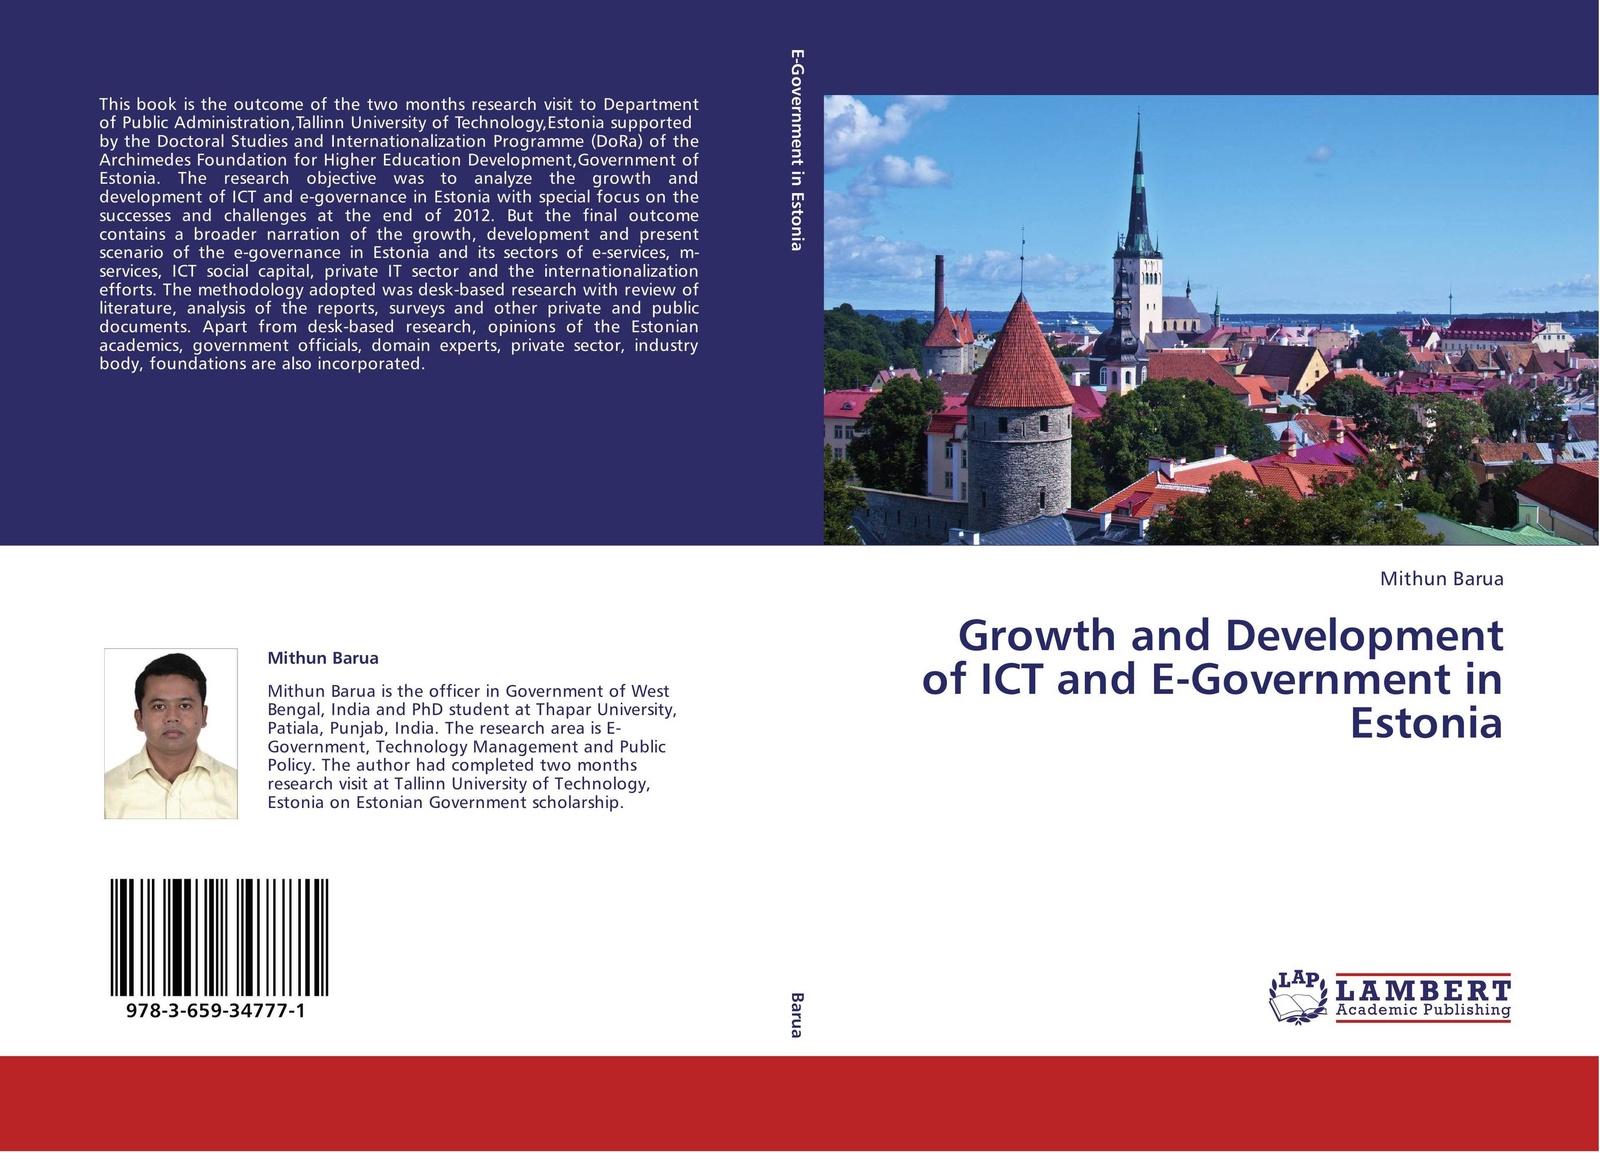 Mithun Barua Growth and Development of ICT E-Government in Estonia